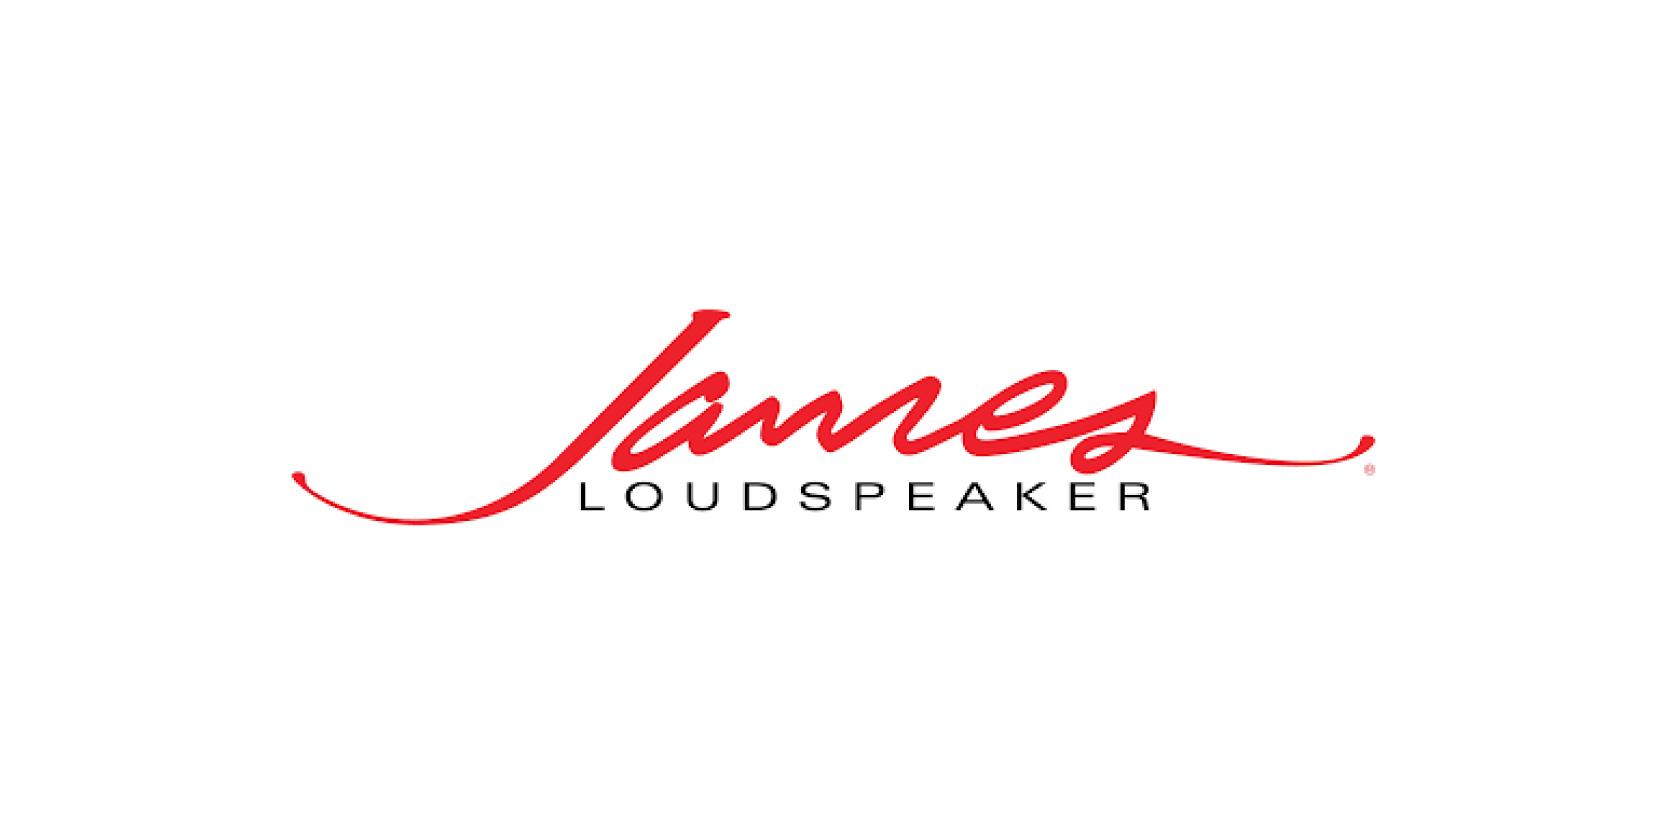 James Loudspeaker company logo